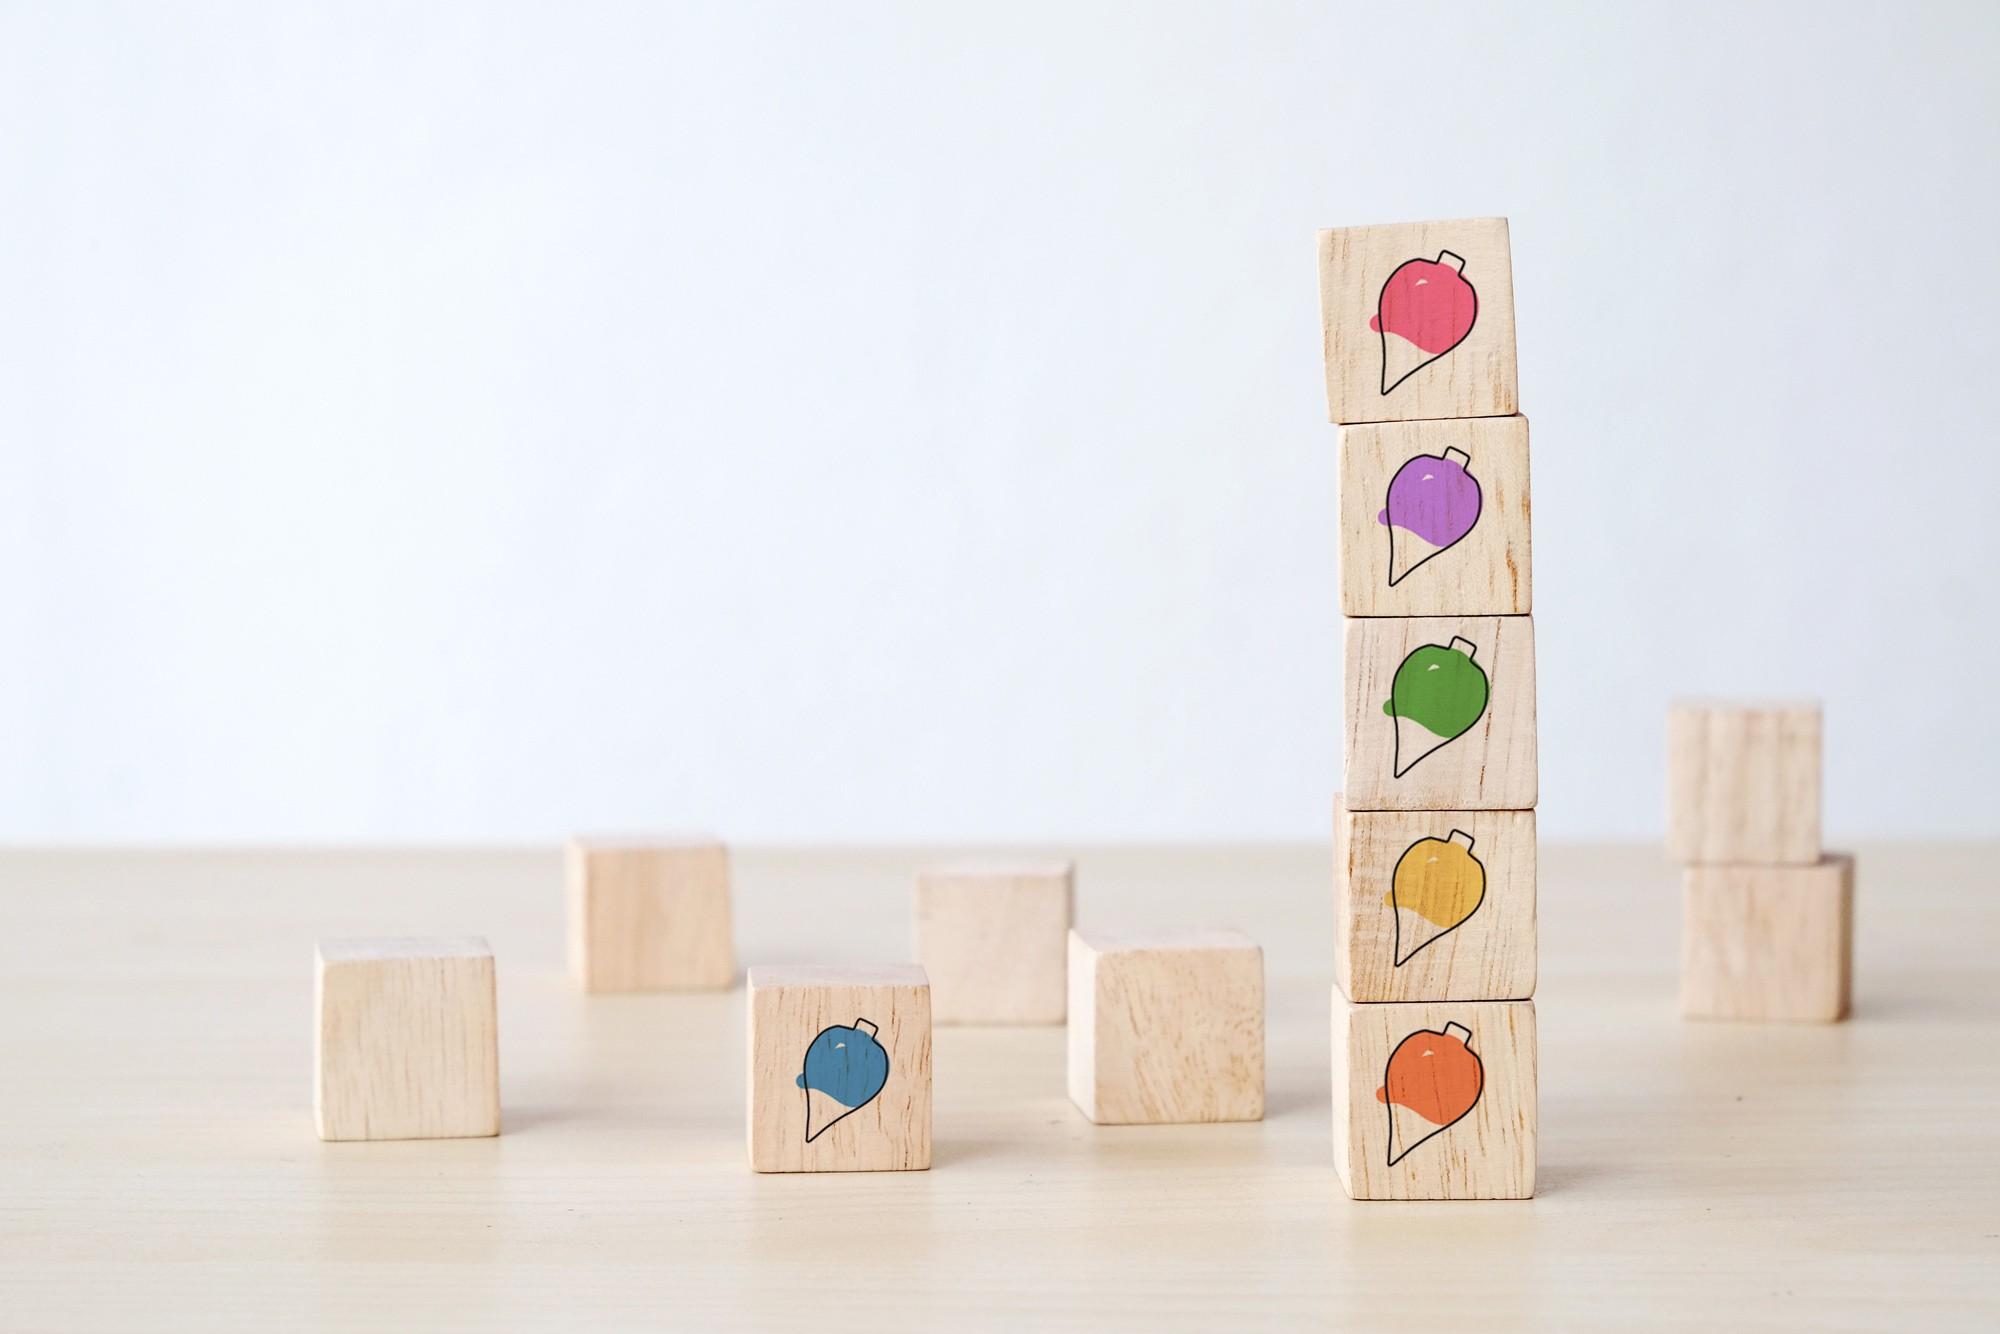 Doce piezas de madera en forma de cubo esparcidas sobre una mesa. Seis de ellas con una peonza dibujada.